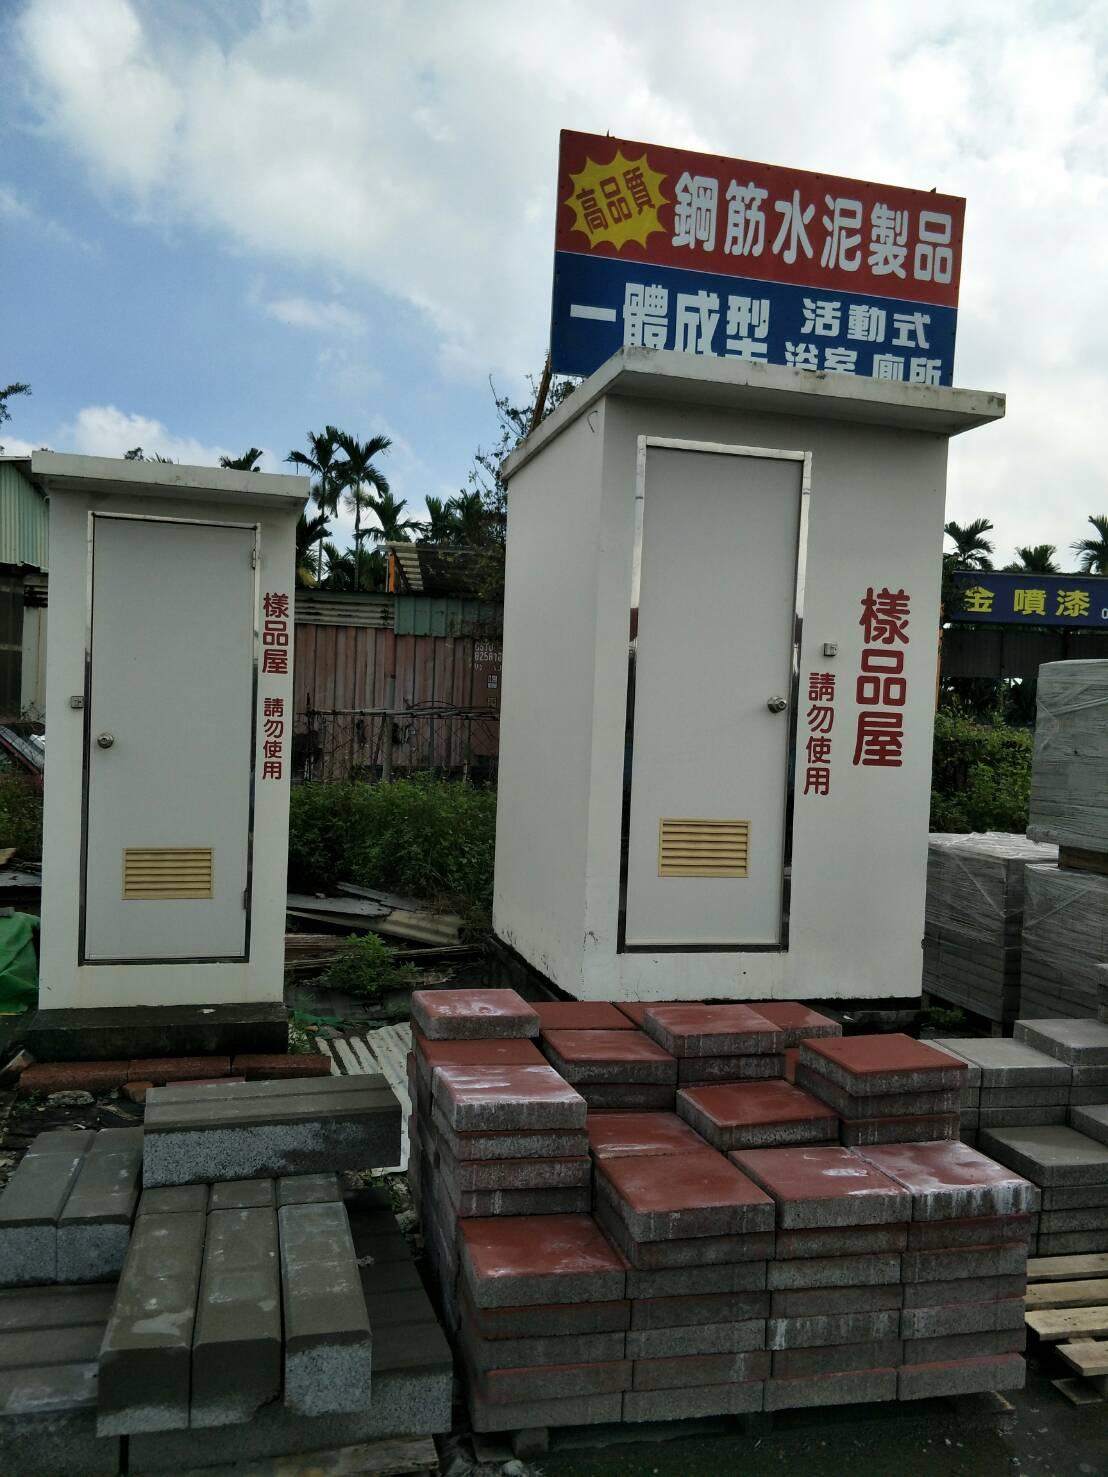 水泥製流動廁所樣品屋